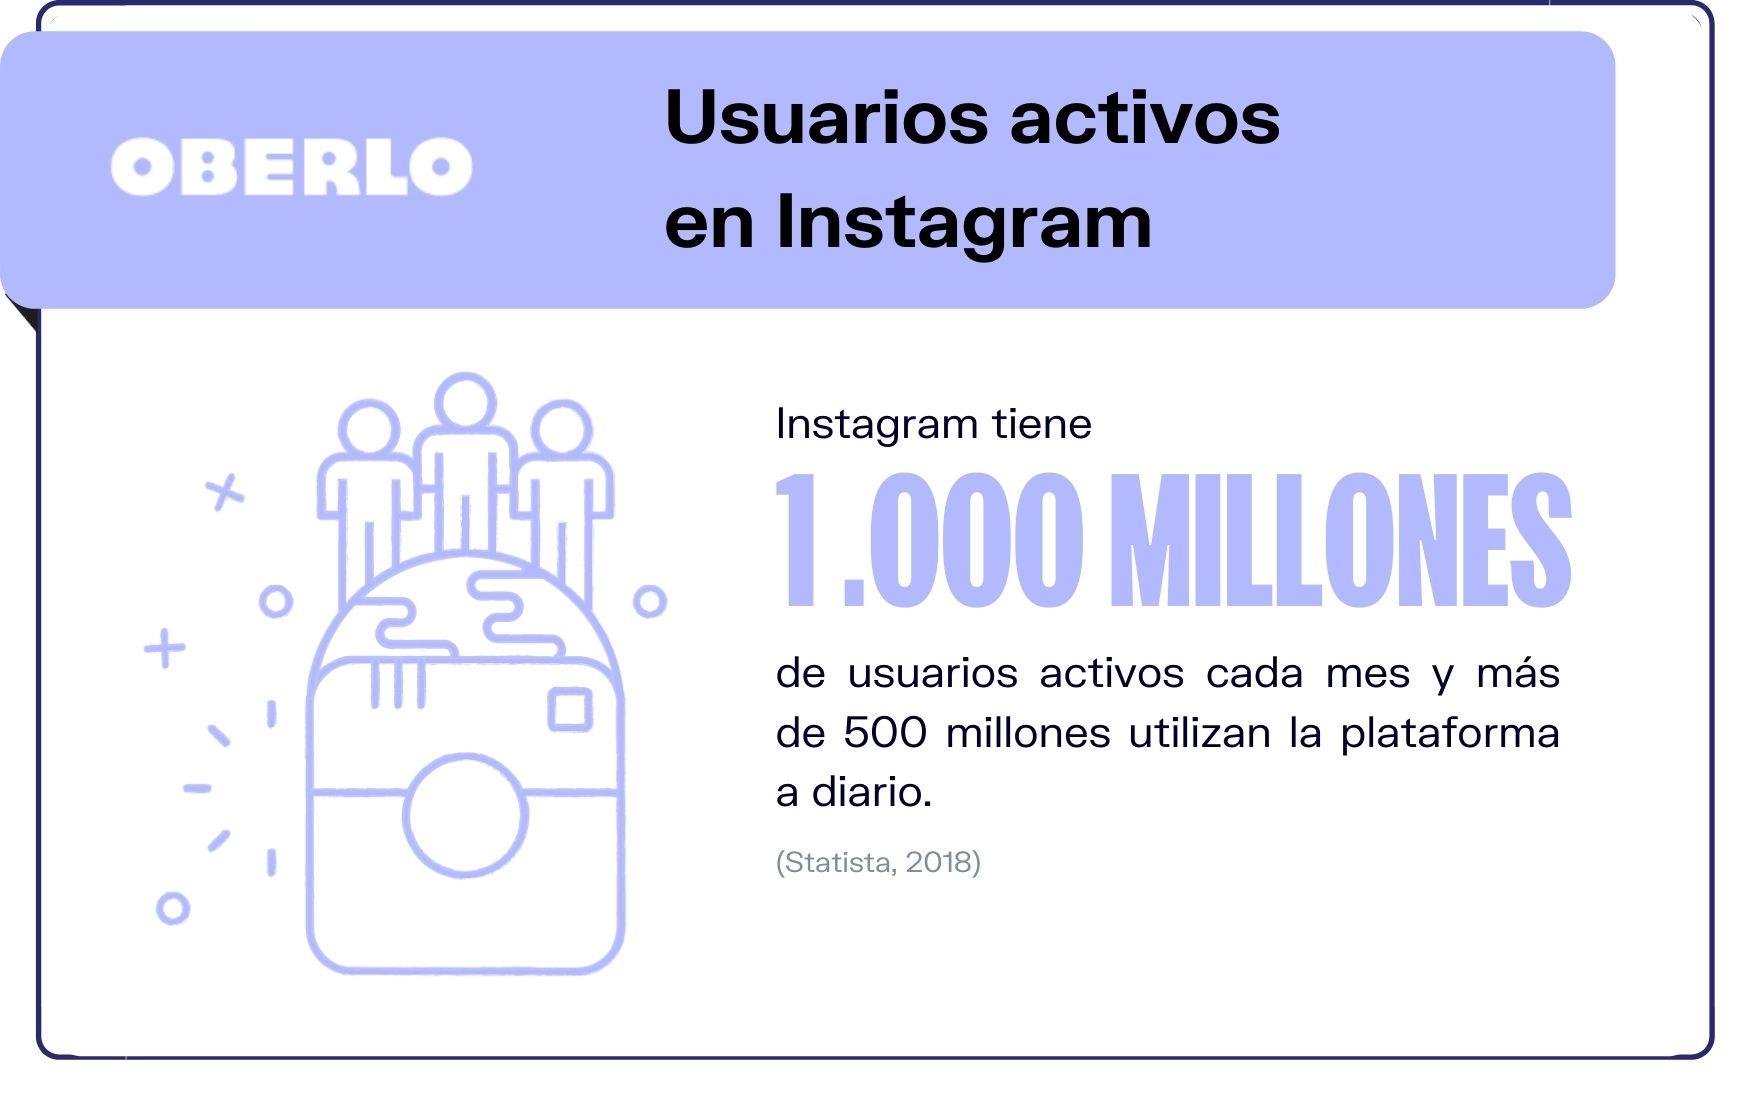 ¿Cuántos usuarios tiene Instagram?